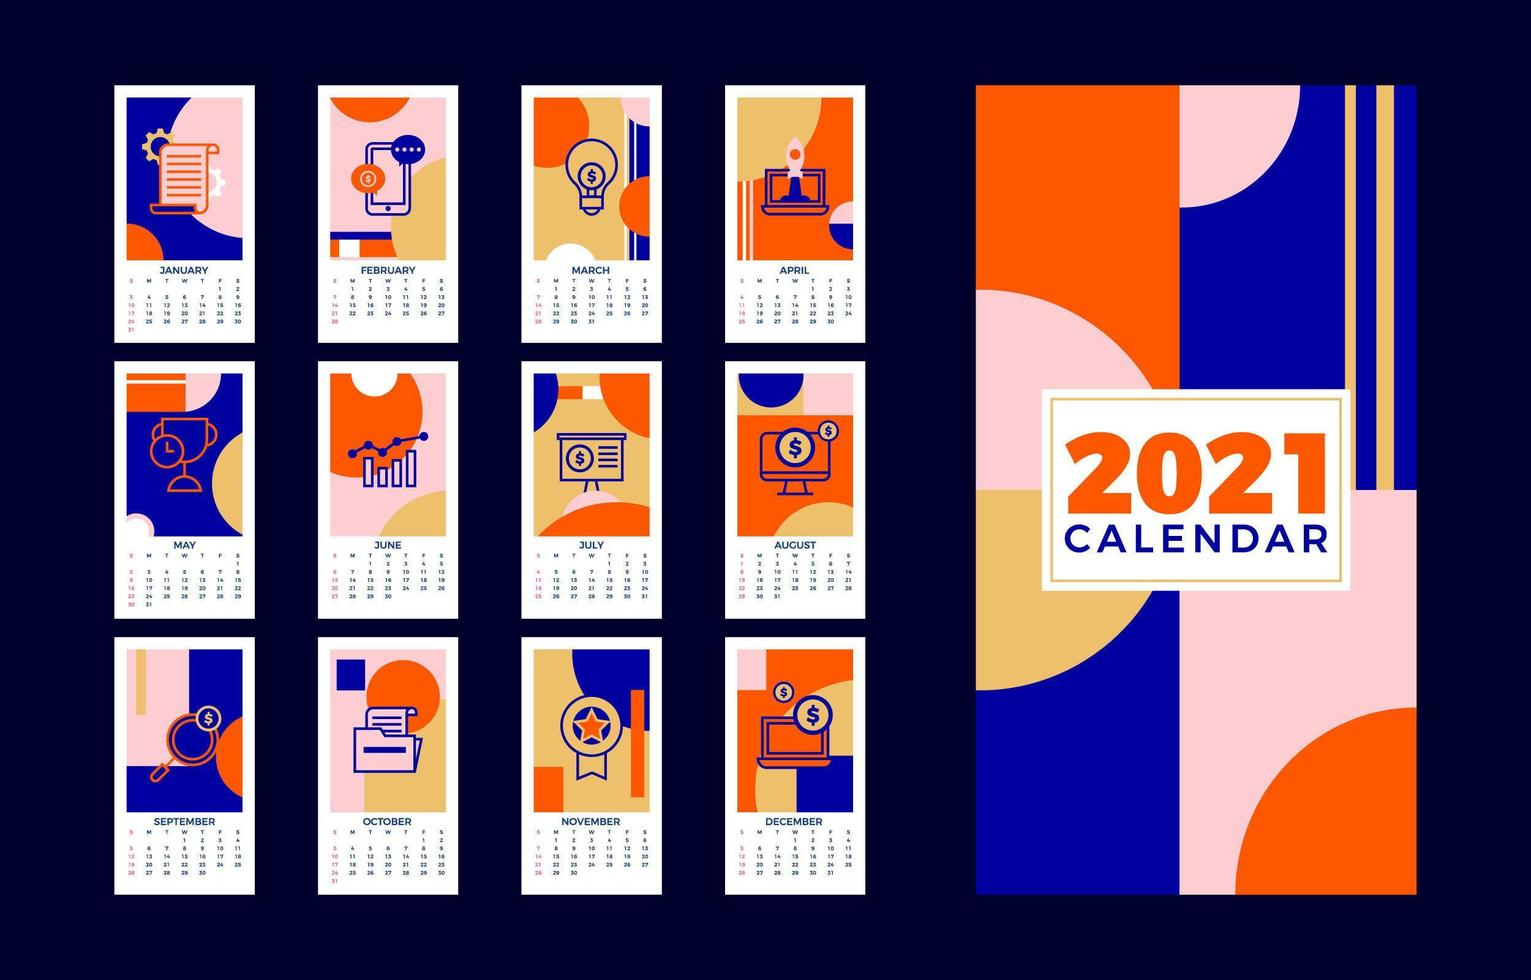 kunstzinnige zakelijke kalender 2021 vector